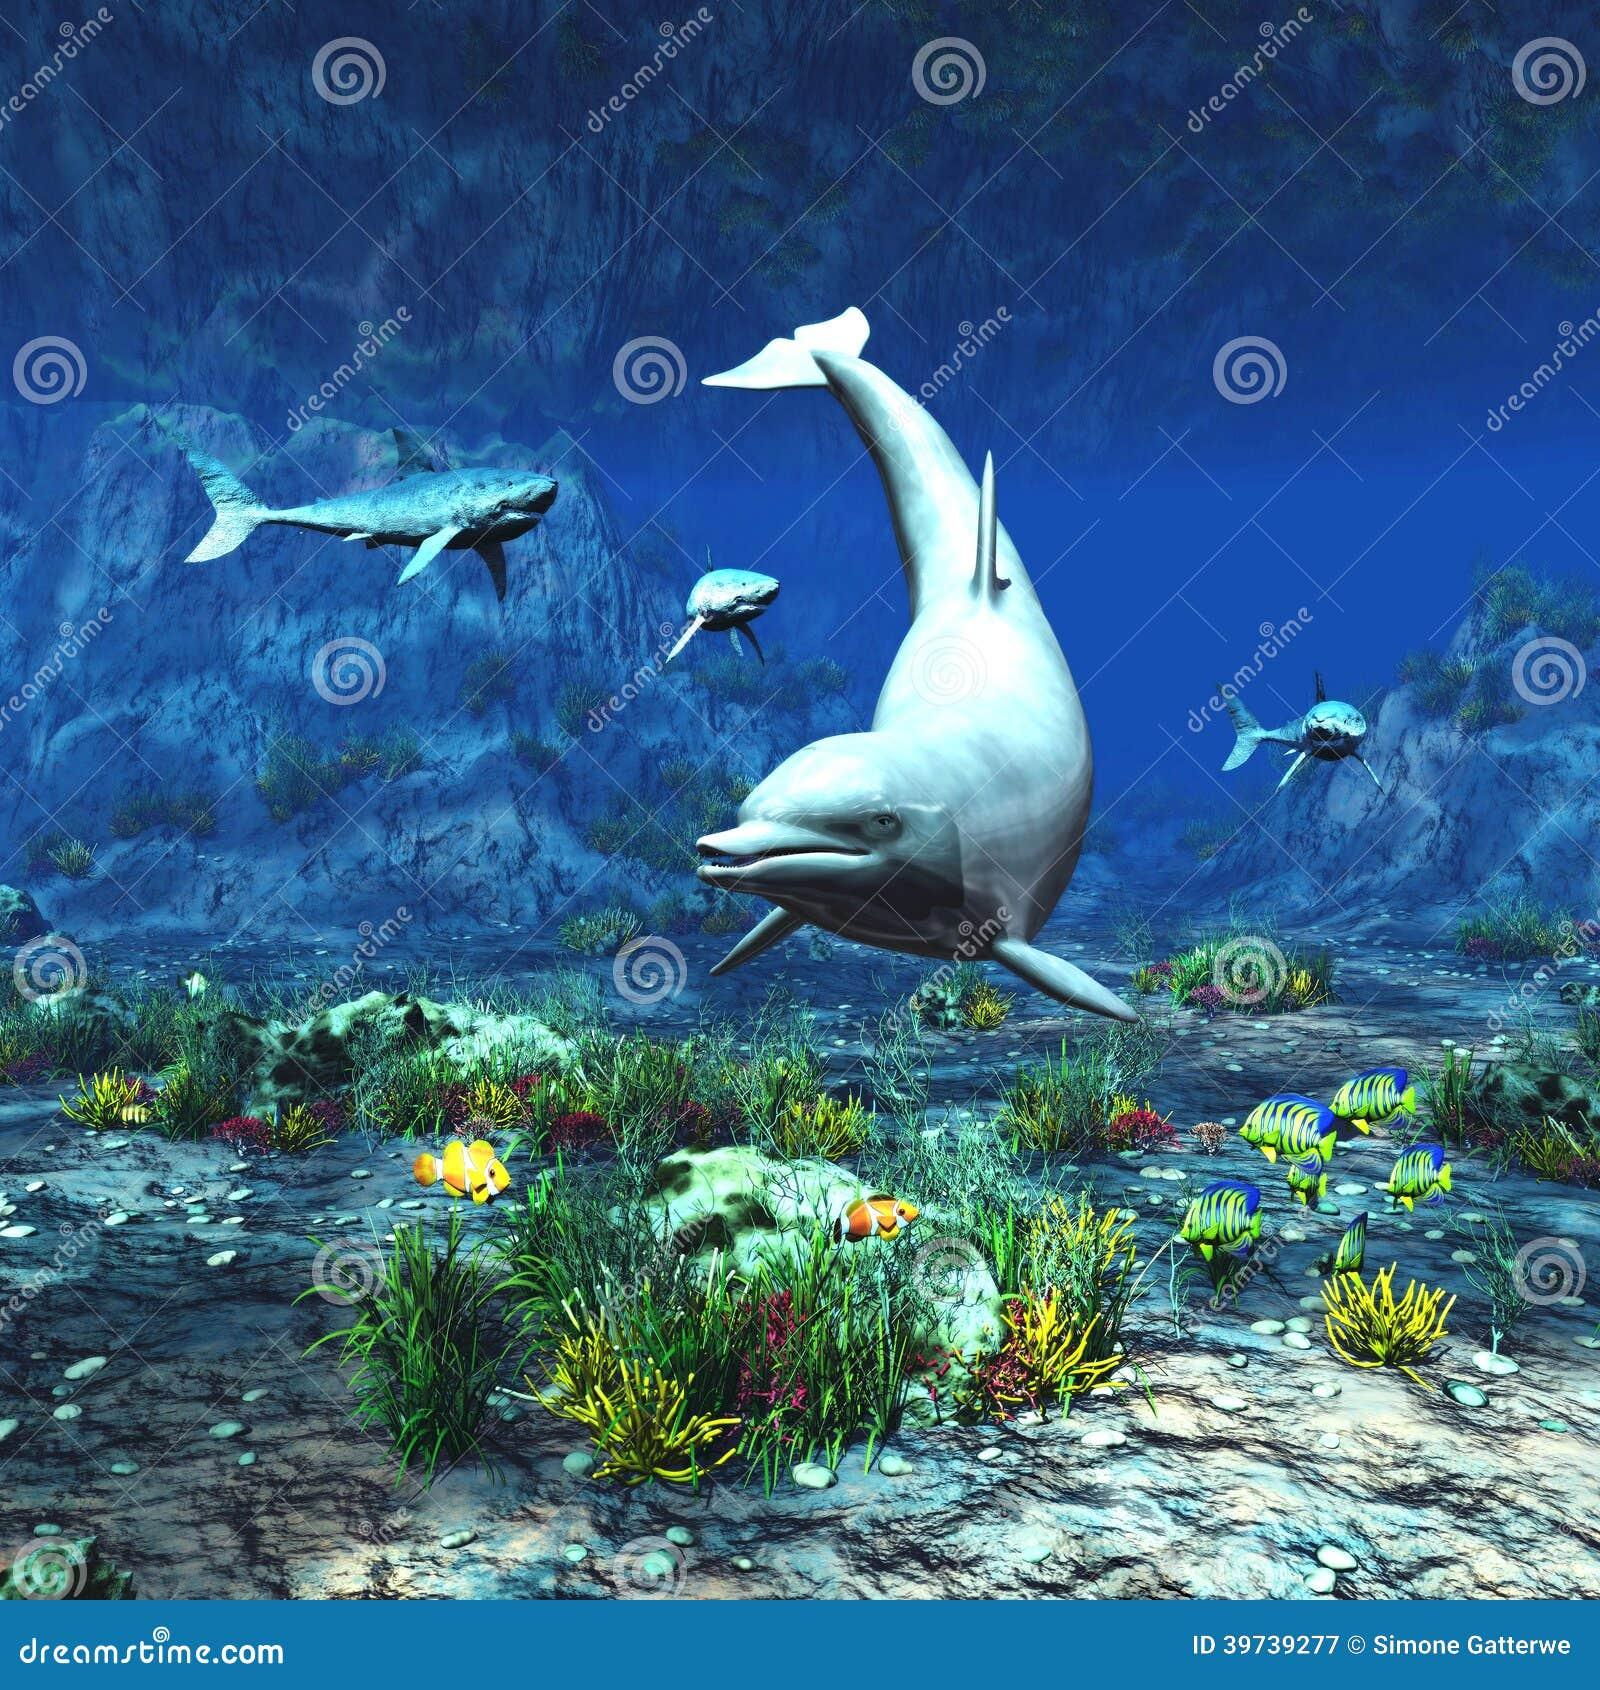 Beautiful Under... Underwater Fish Scene